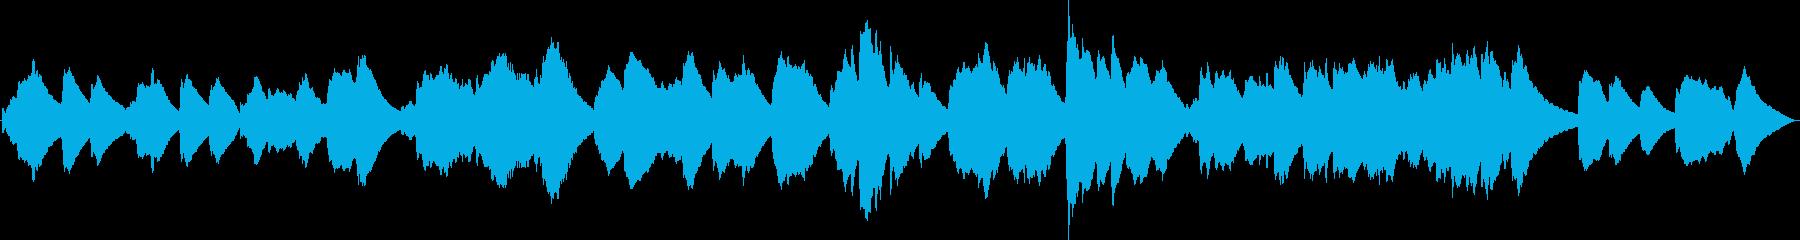 眠れない夜にソルフェジオ癒しのチェレスタの再生済みの波形